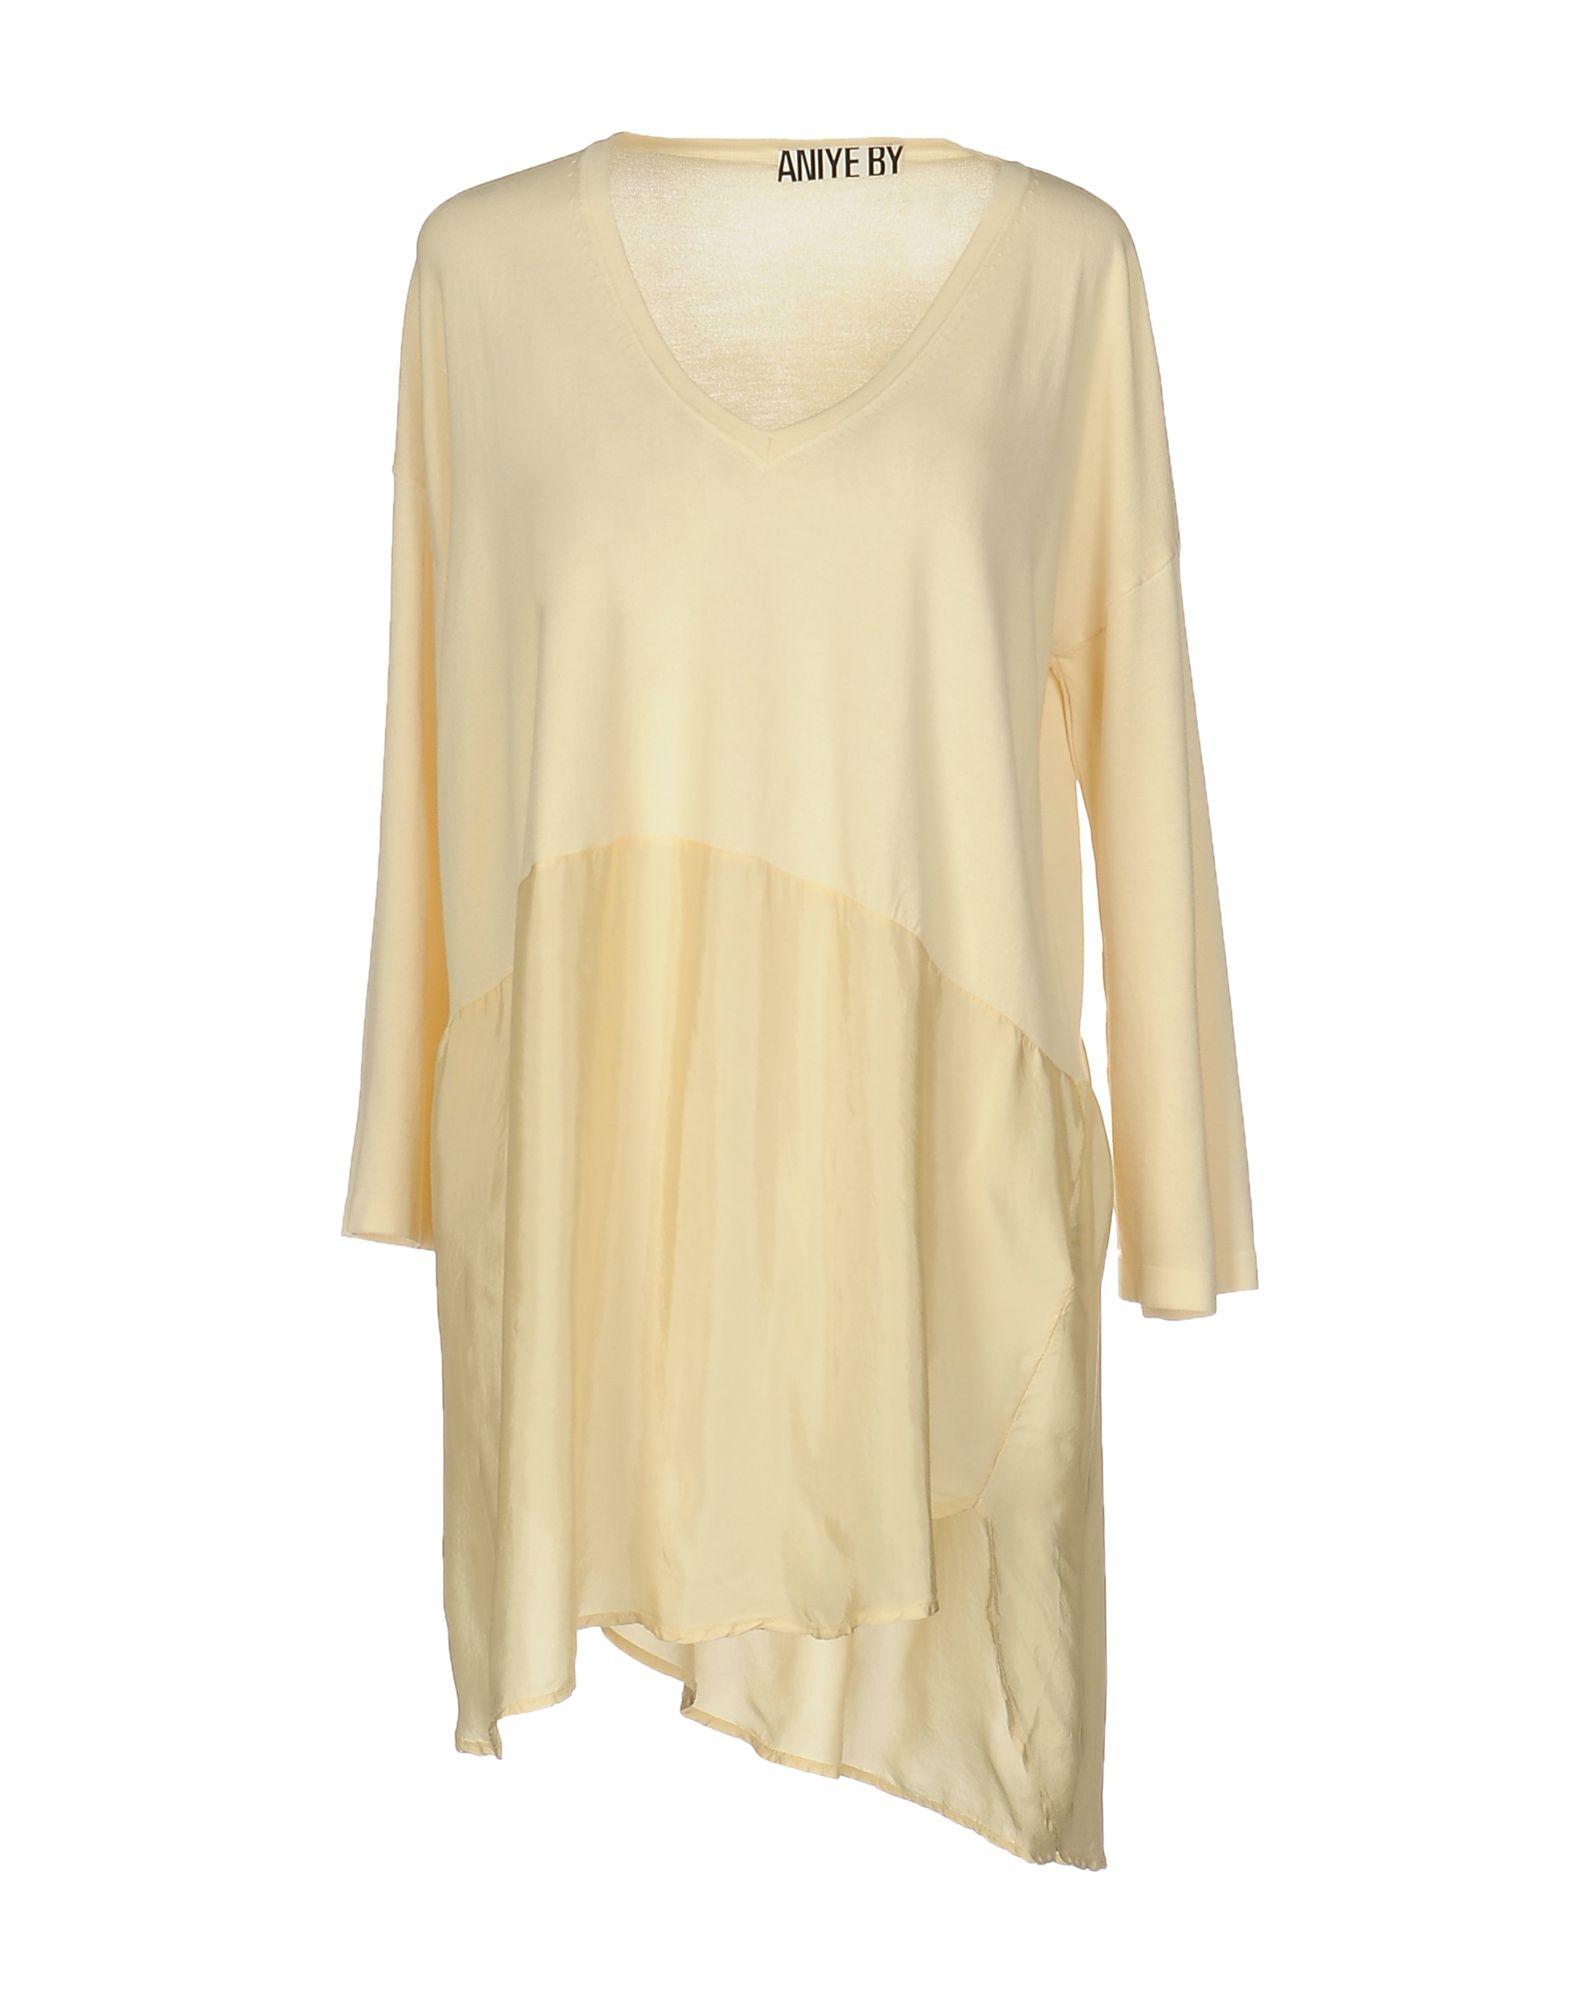 ANIYE BY Damen Pullover Farbe Beige Größe 4